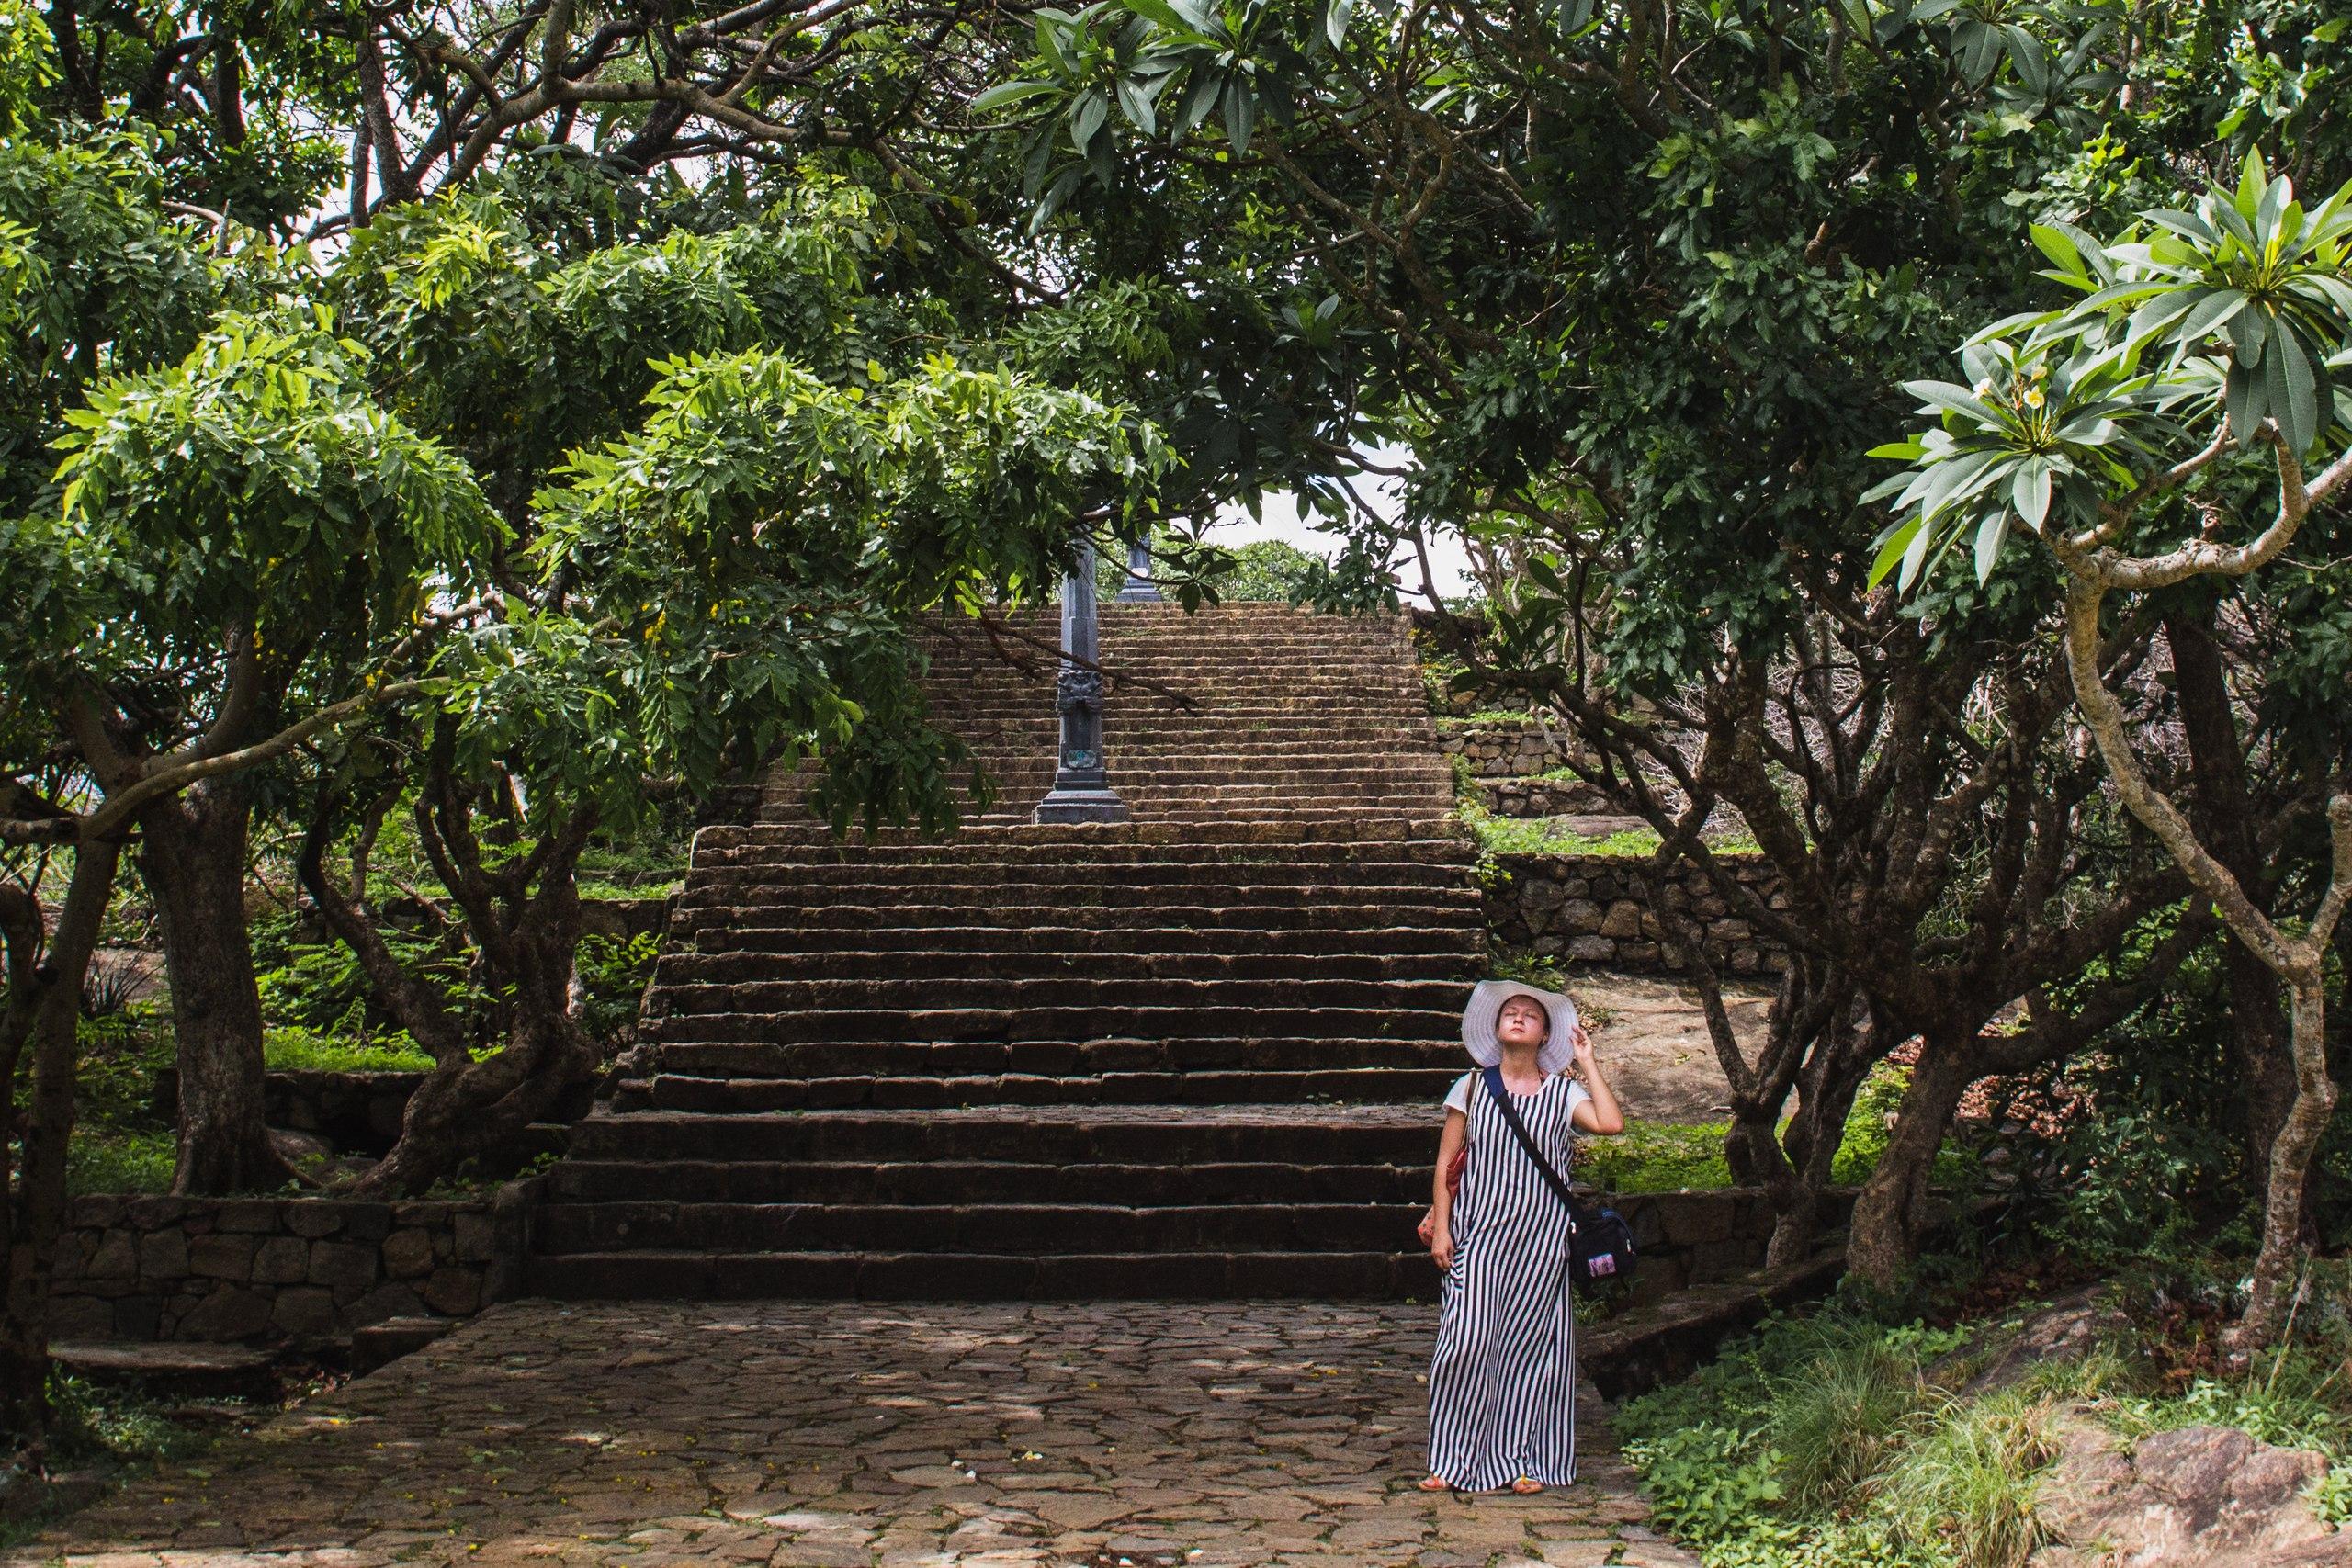 Подъем в храм по каменным ступеням, а вокруг - цветущий пачули, запах которого кружил голову